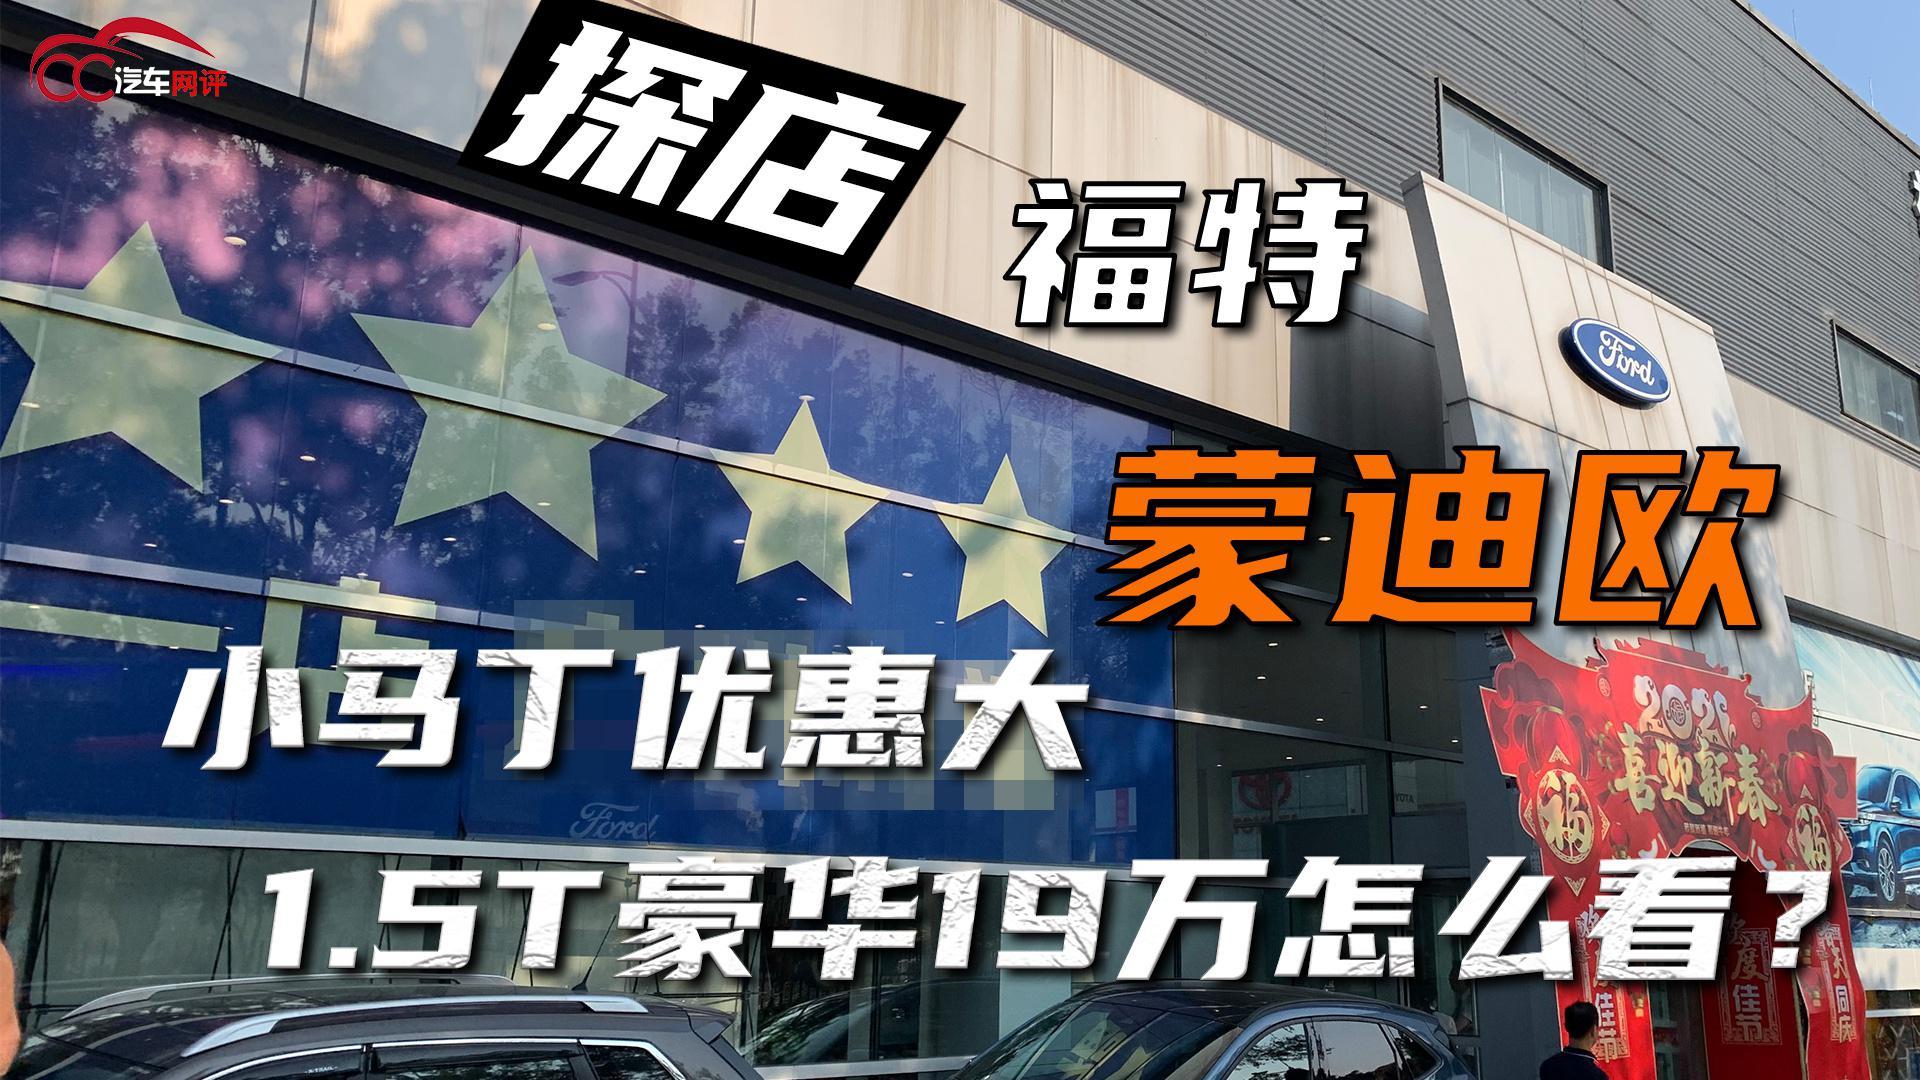 视频:探店福特蒙迪欧,小马丁优惠大,1.5T豪华19万怎么看?